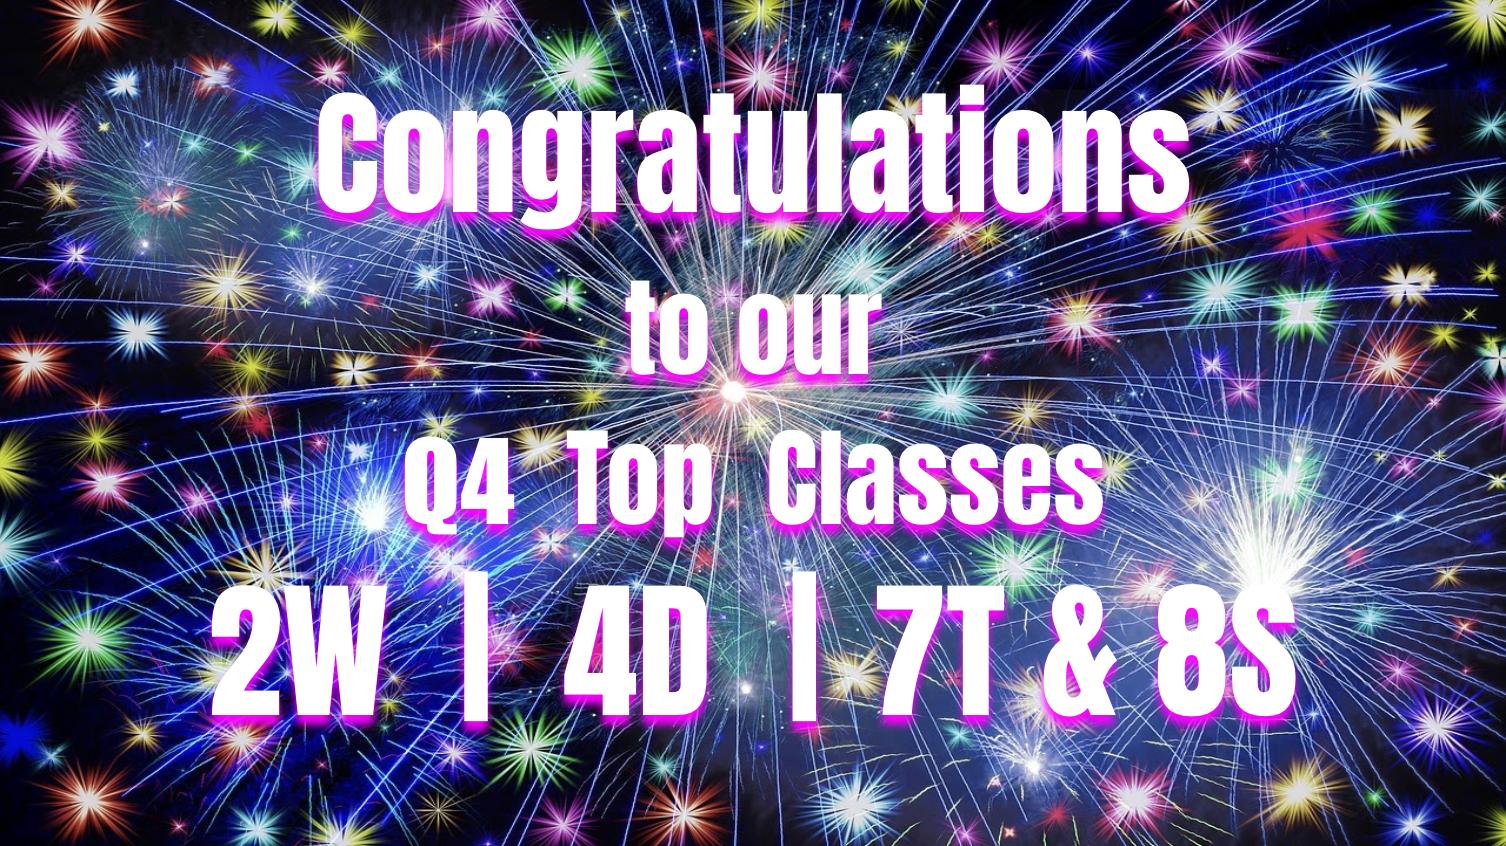 GCS Riding the Read-a-Coaster Q4 Top Classes